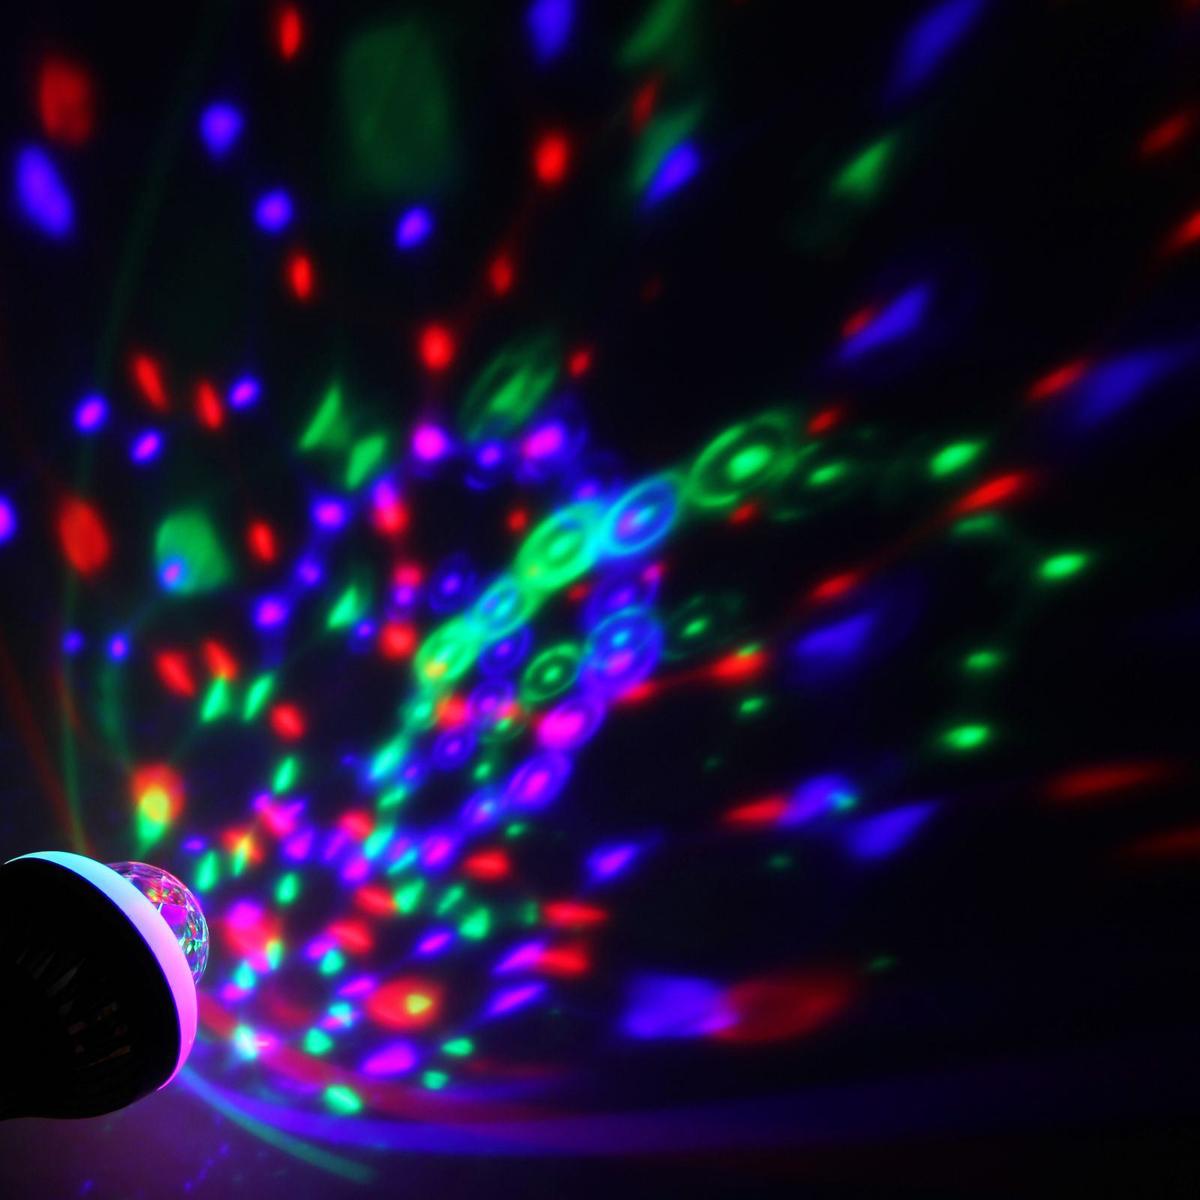 Лампа Luazon Хрустальный шар, диаметр 8 см, два режима, V220, цоколь Е271353031Светодиодные гирлянды, ленты и т.д — это отличный вариант для новогоднего оформления интерьера или фасада. С их помощью помещение любого размера можно превратить в праздничный зал, а внешние элементы зданий, украшенные ими, мгновенно станут напоминать очертания сказочного дворца. Такие украшения создают ауру предвкушения чуда. Деревья, фасады, витрины, окна и арки будто специально созданы, чтобы вы украсили их светящимися нитями.